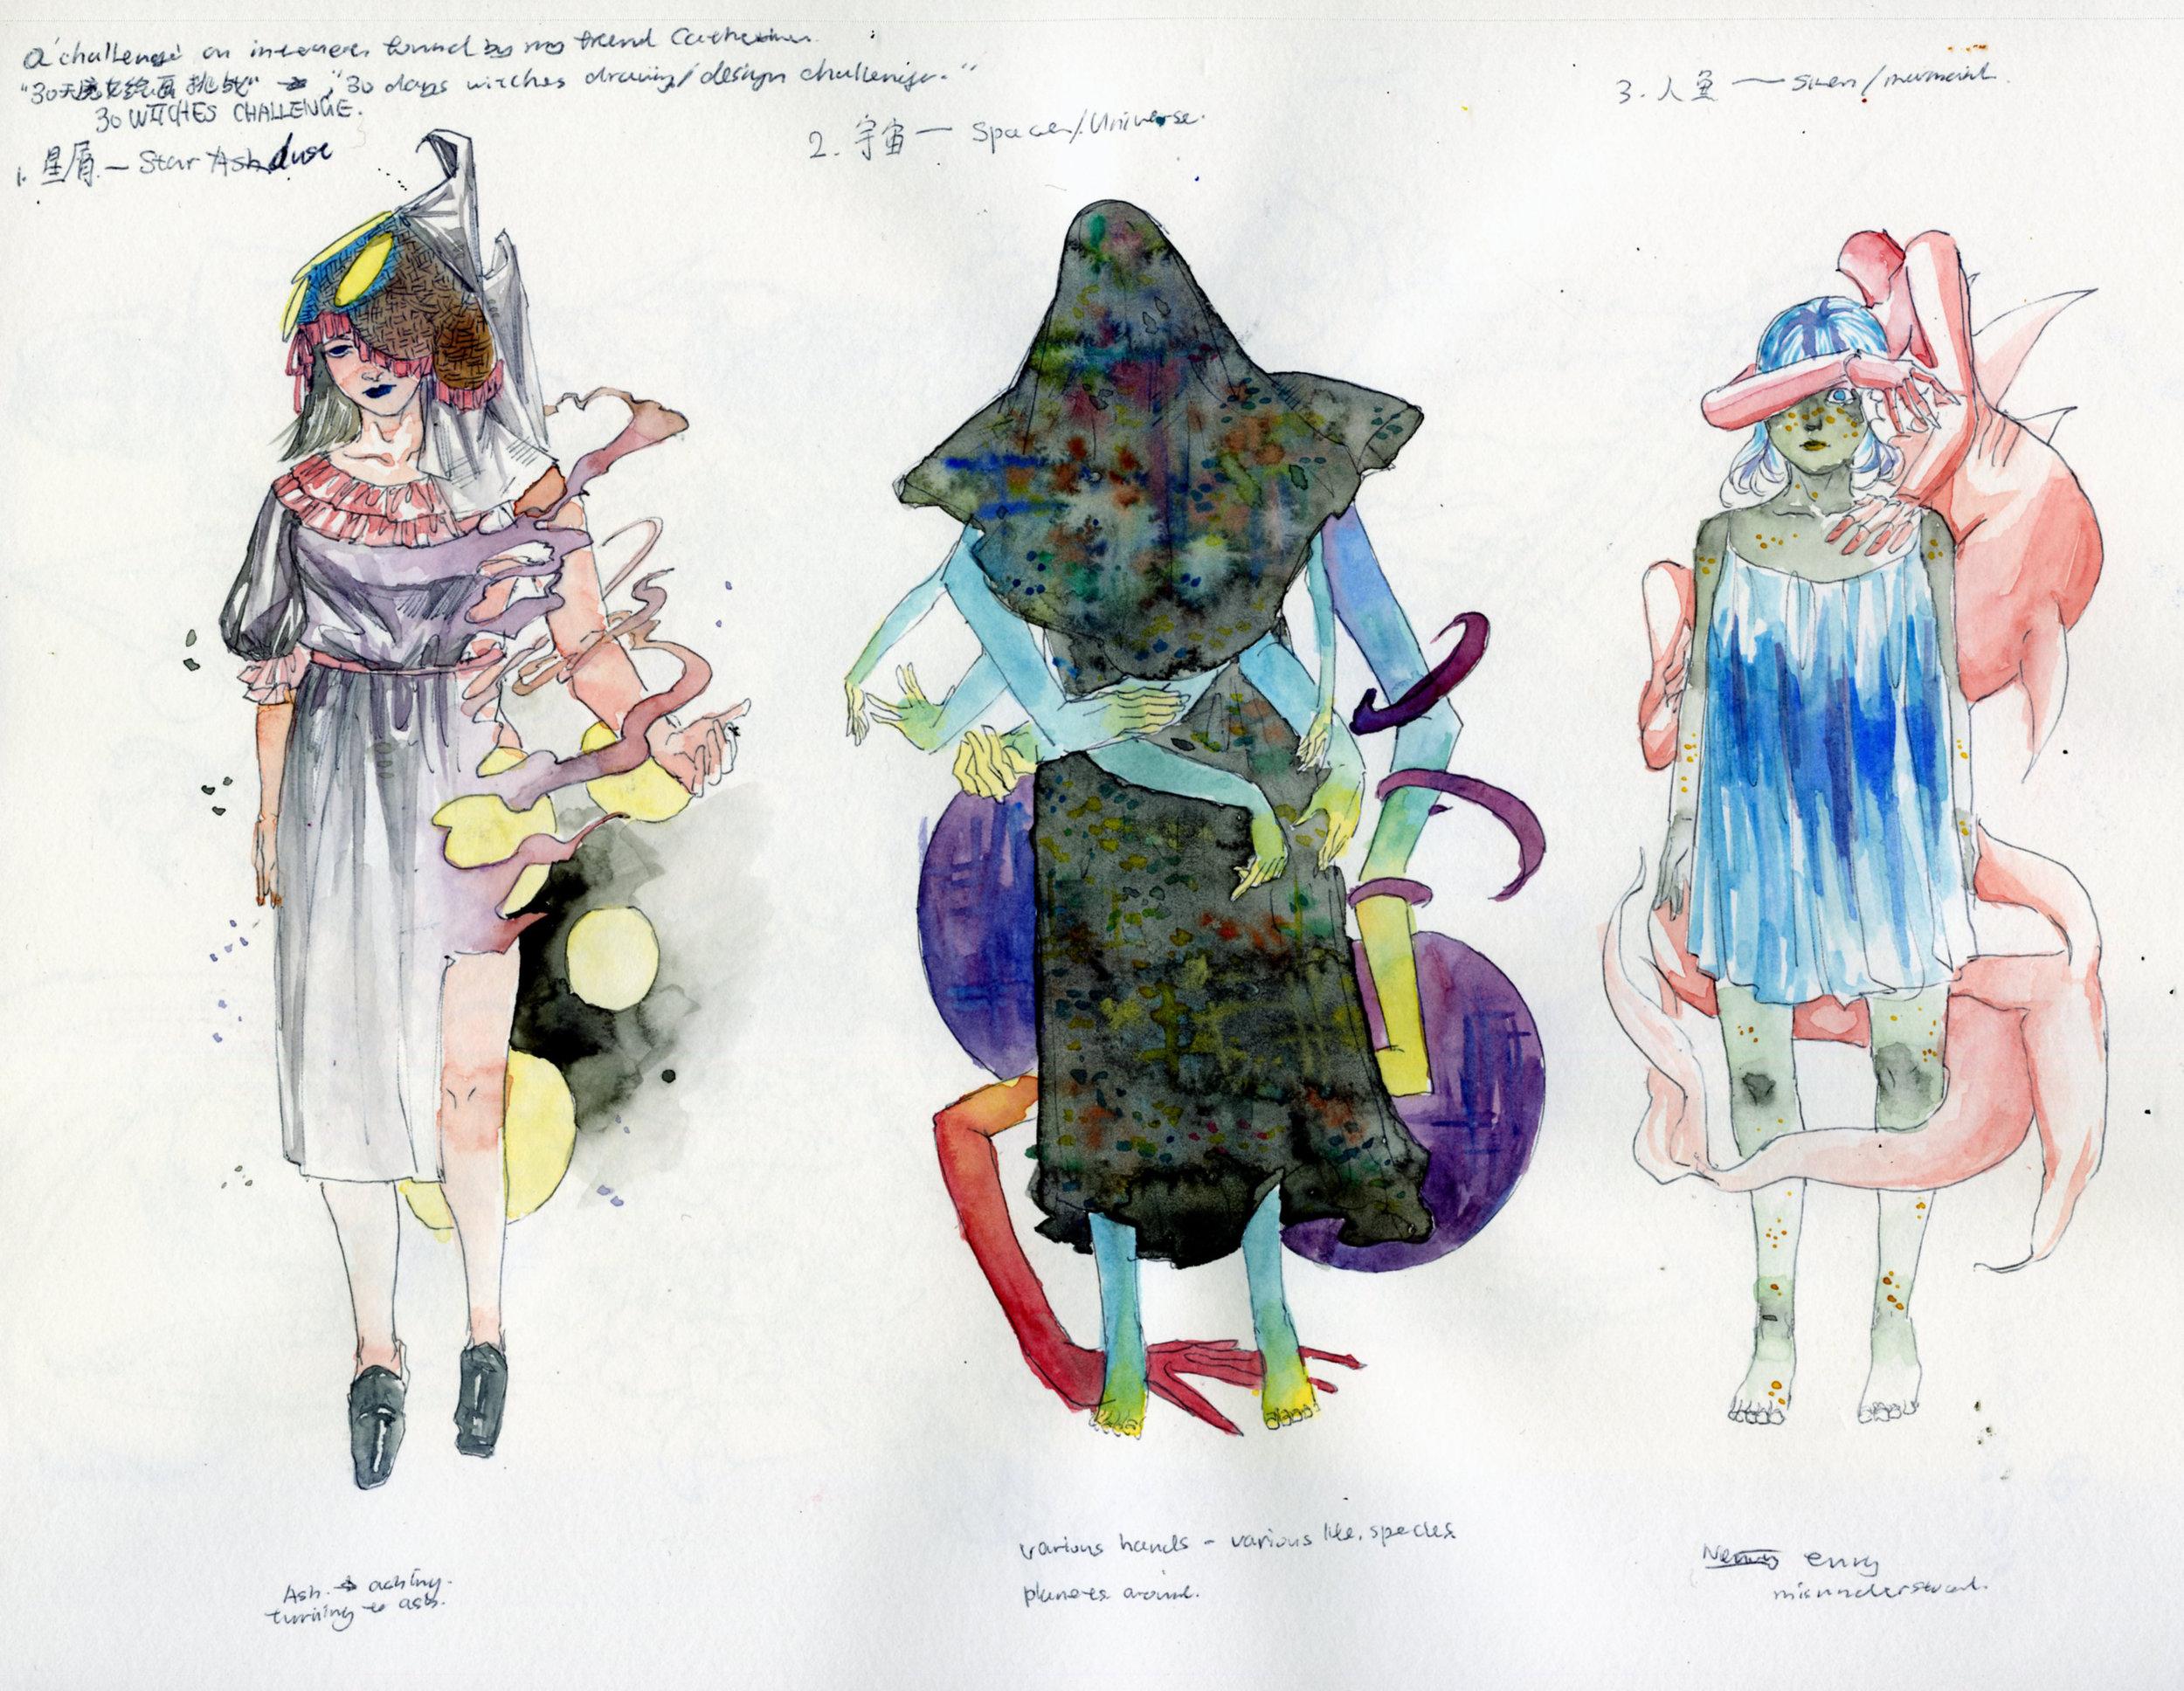 人物设计   Character Design